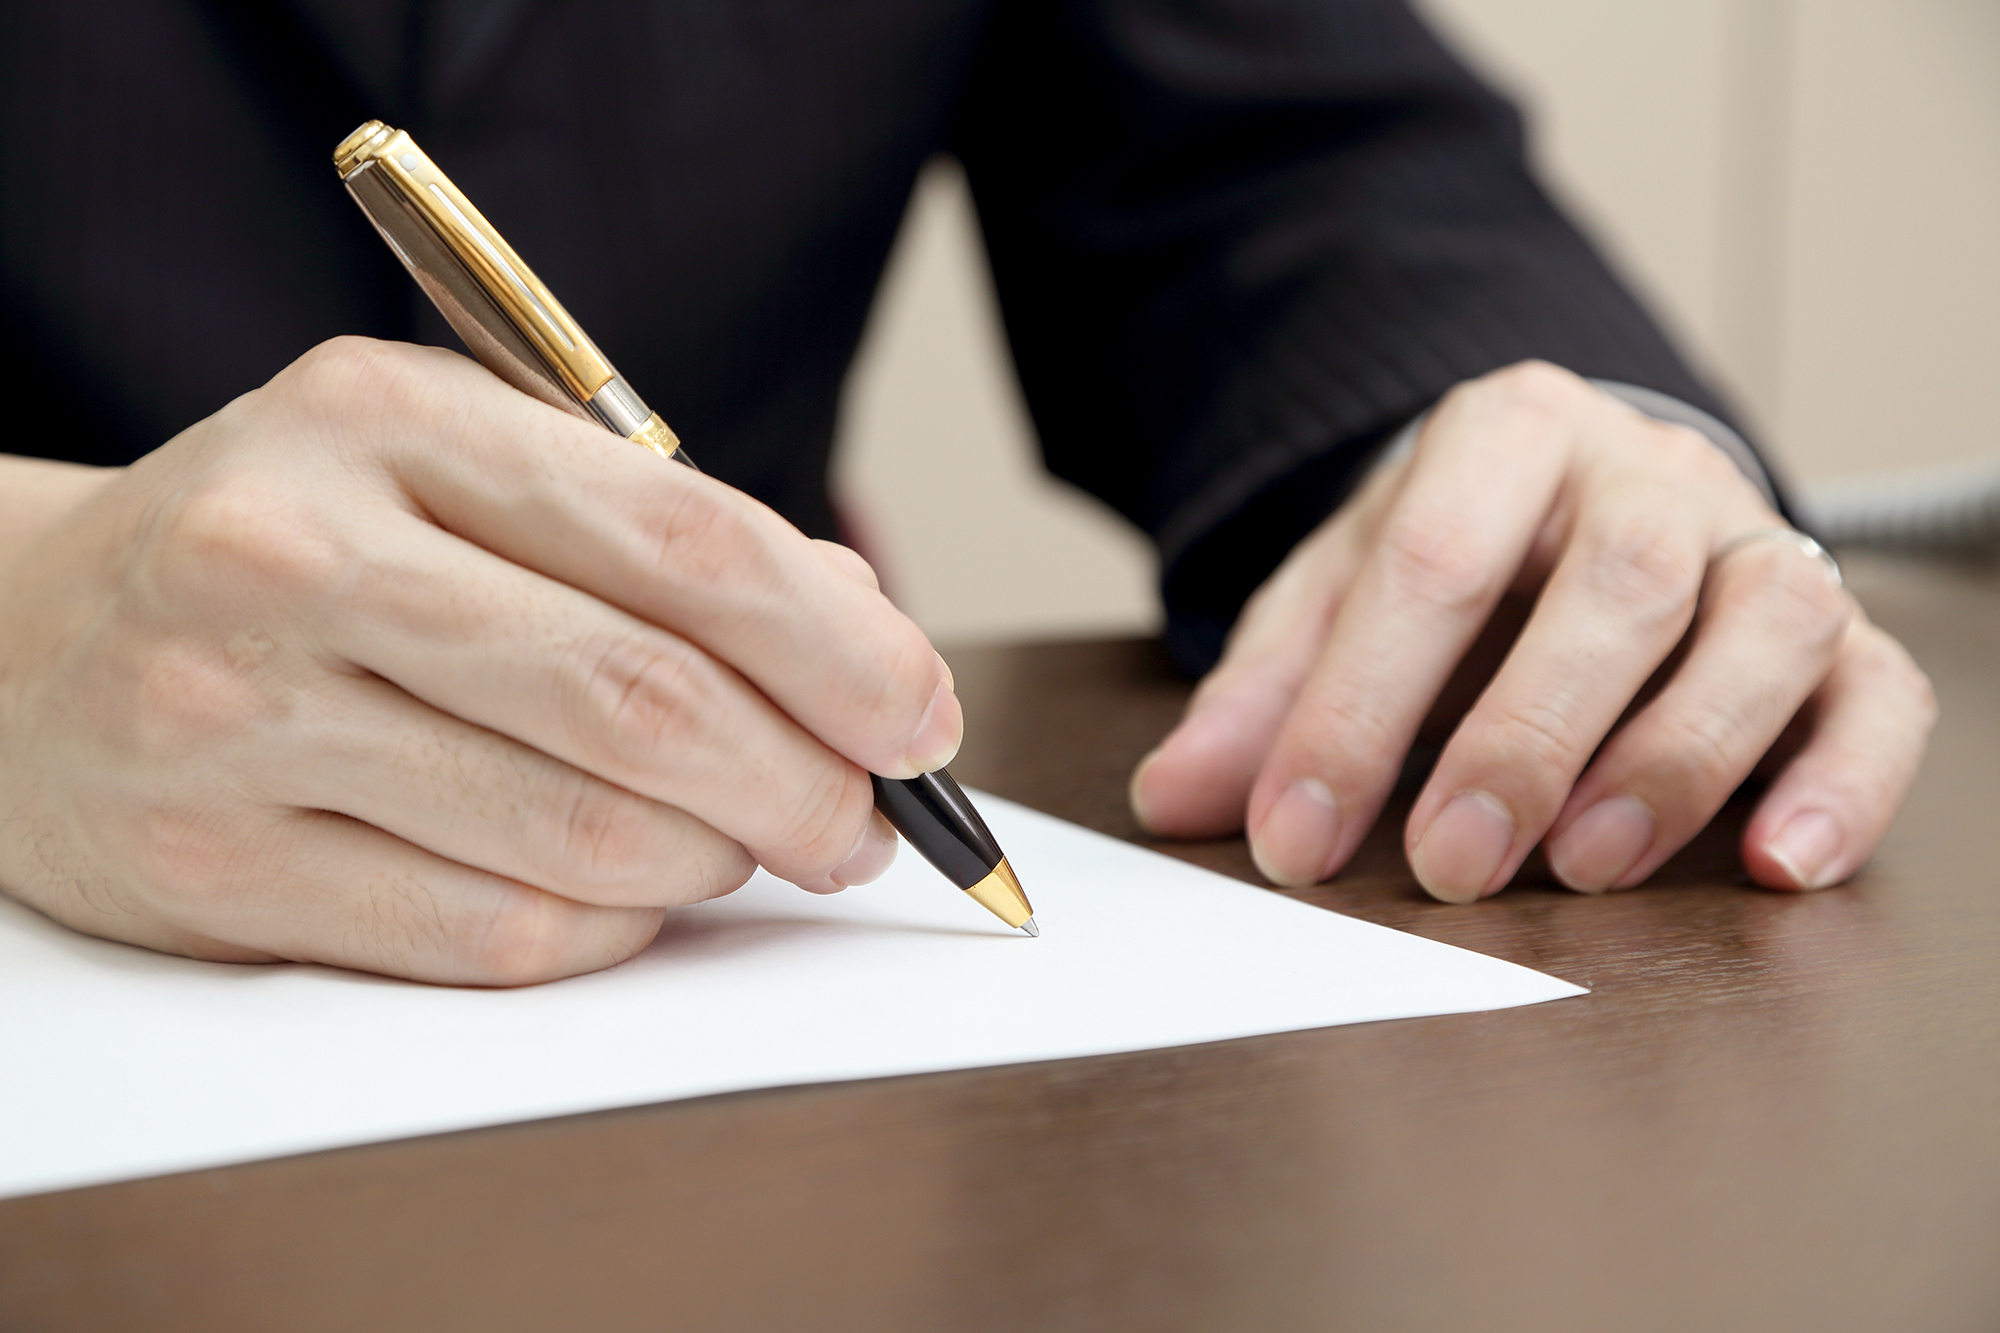 裁判離婚で弁護士に依頼する理由